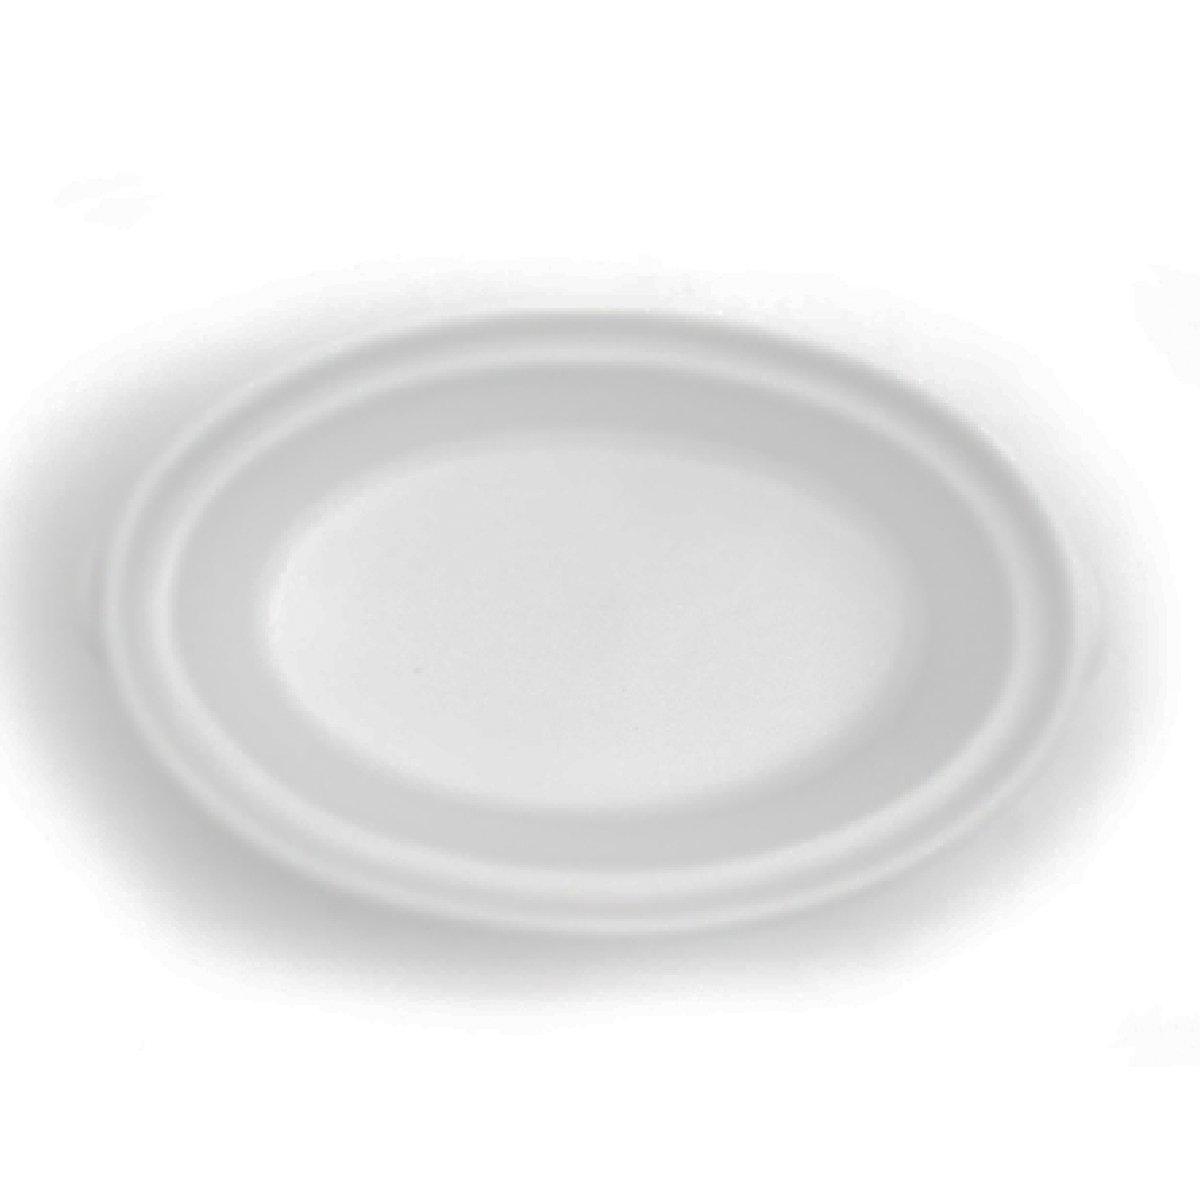 アラジンの鍋 白 詳細画像5